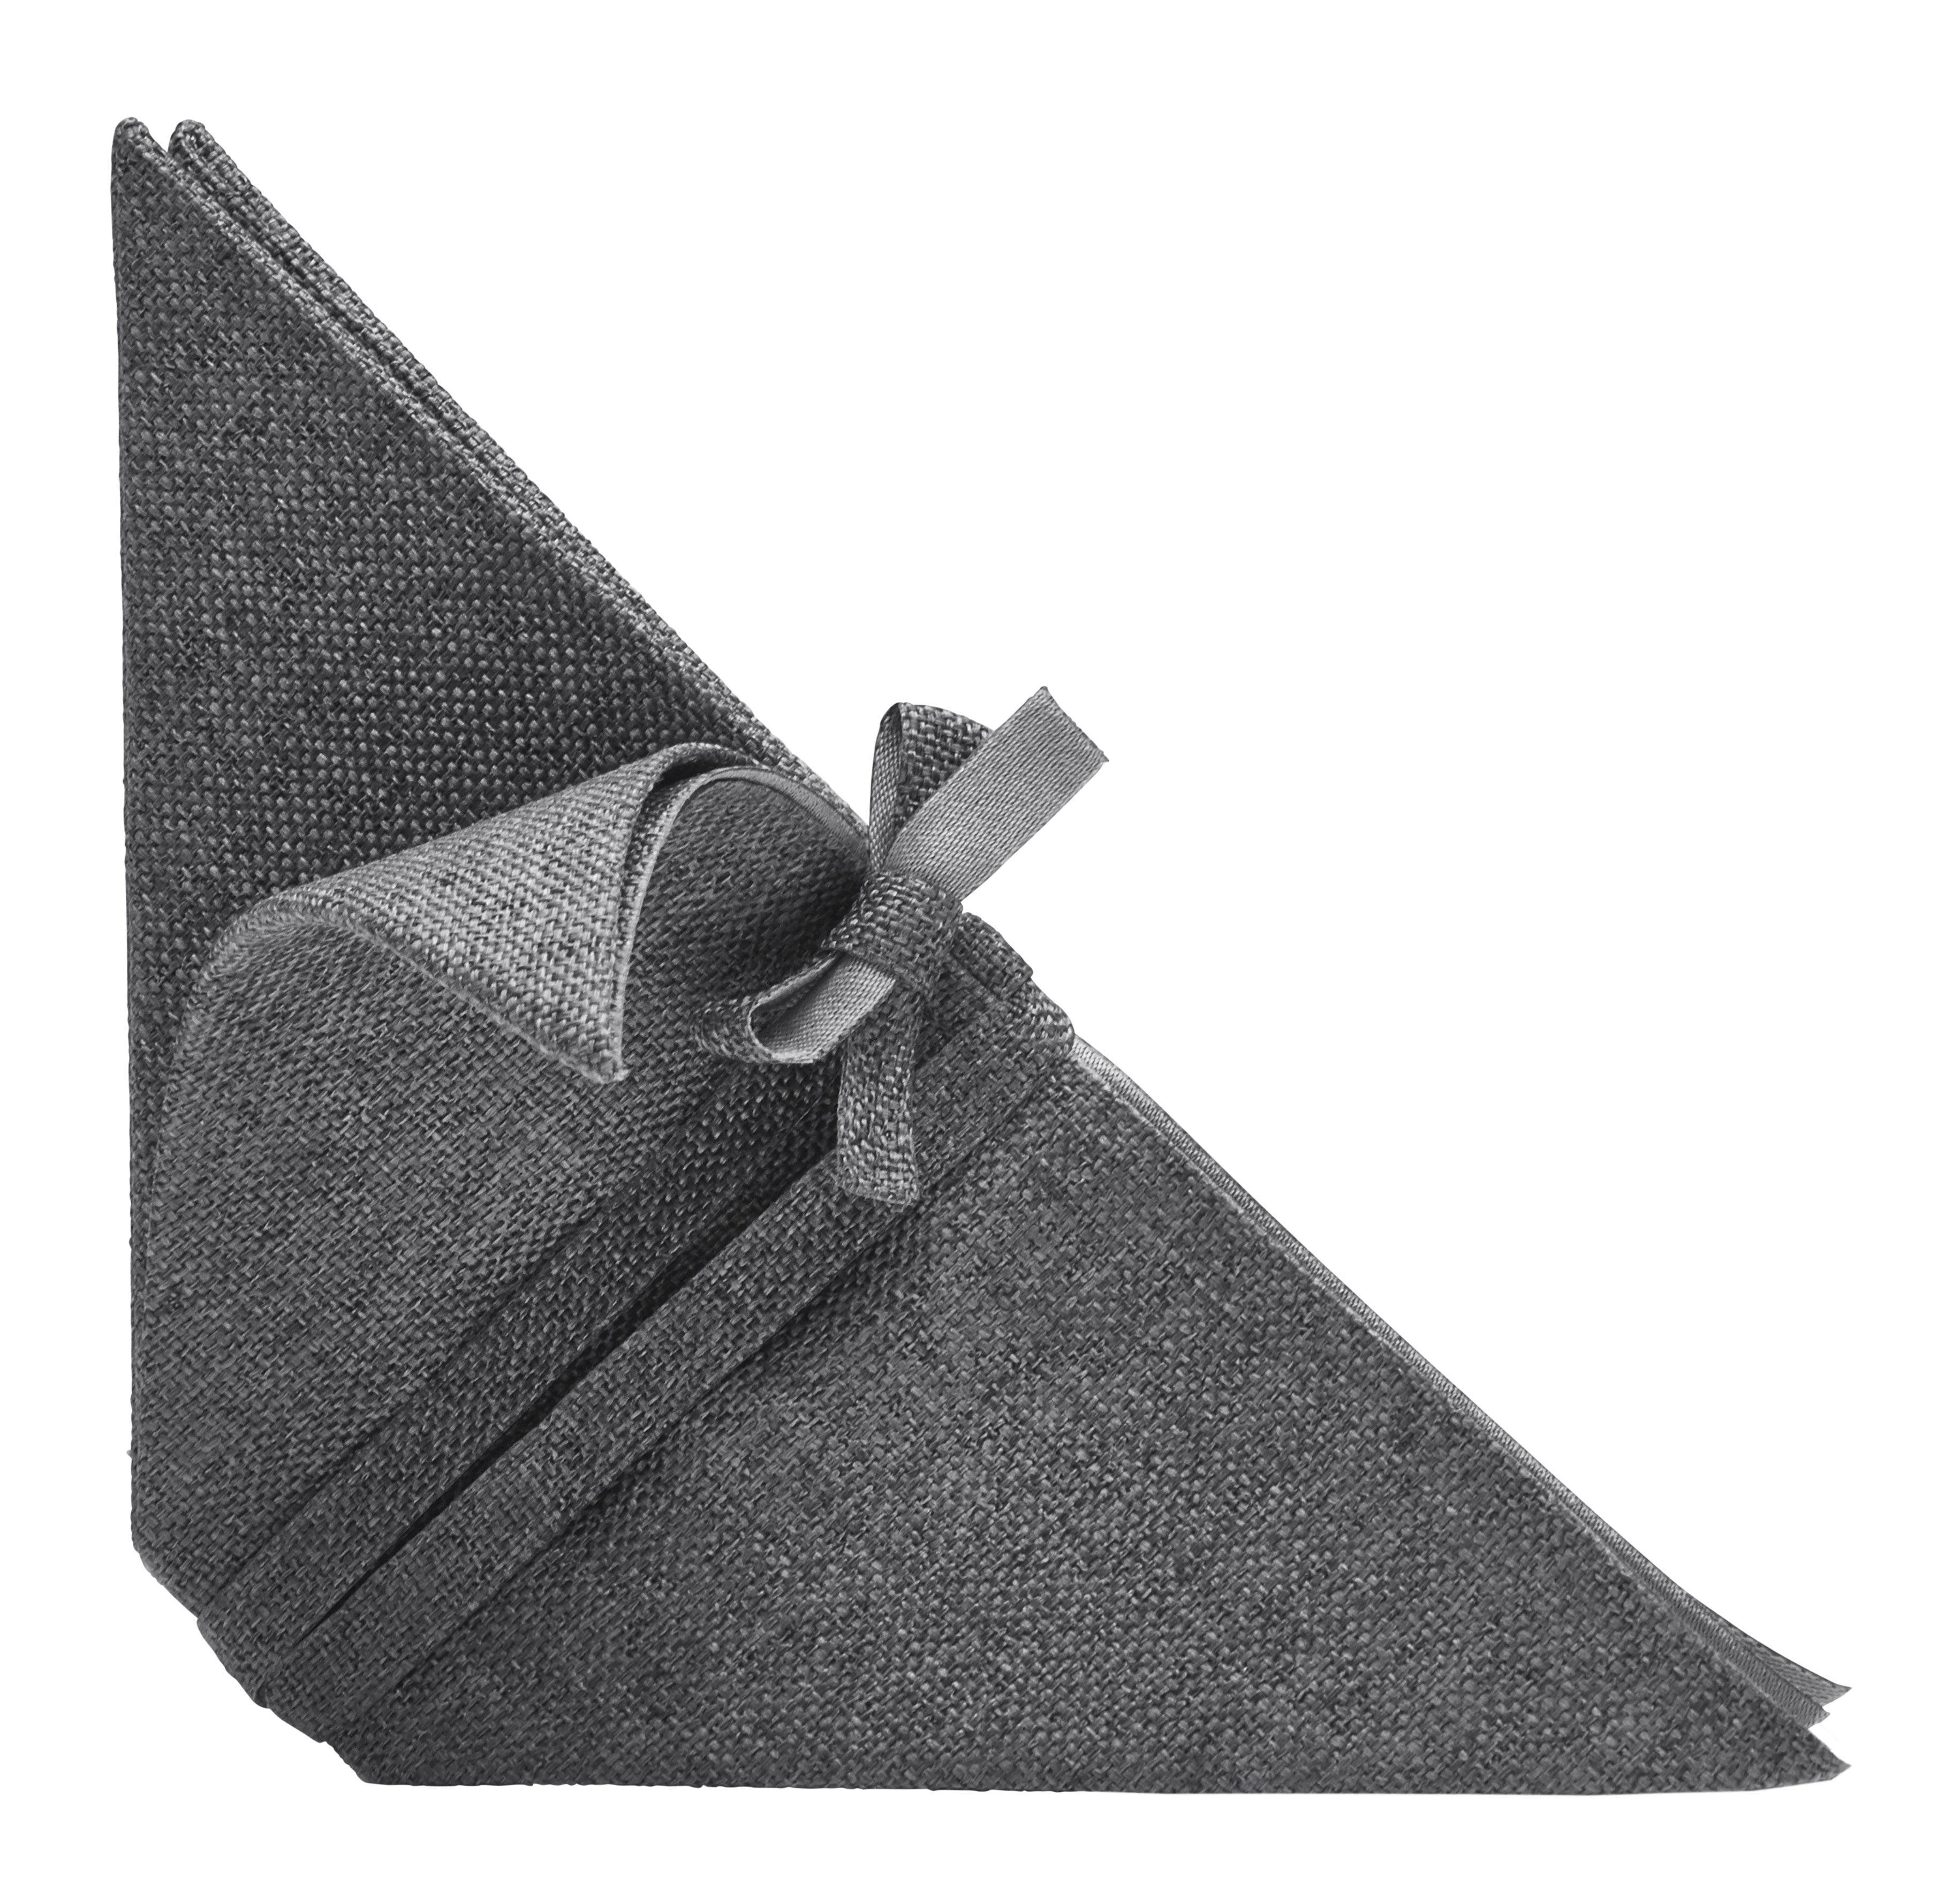 Tableware - Napkins & Tablecloths - Iittala X Issey Miyake Napkins by Iittala - Dark grey - Polyester